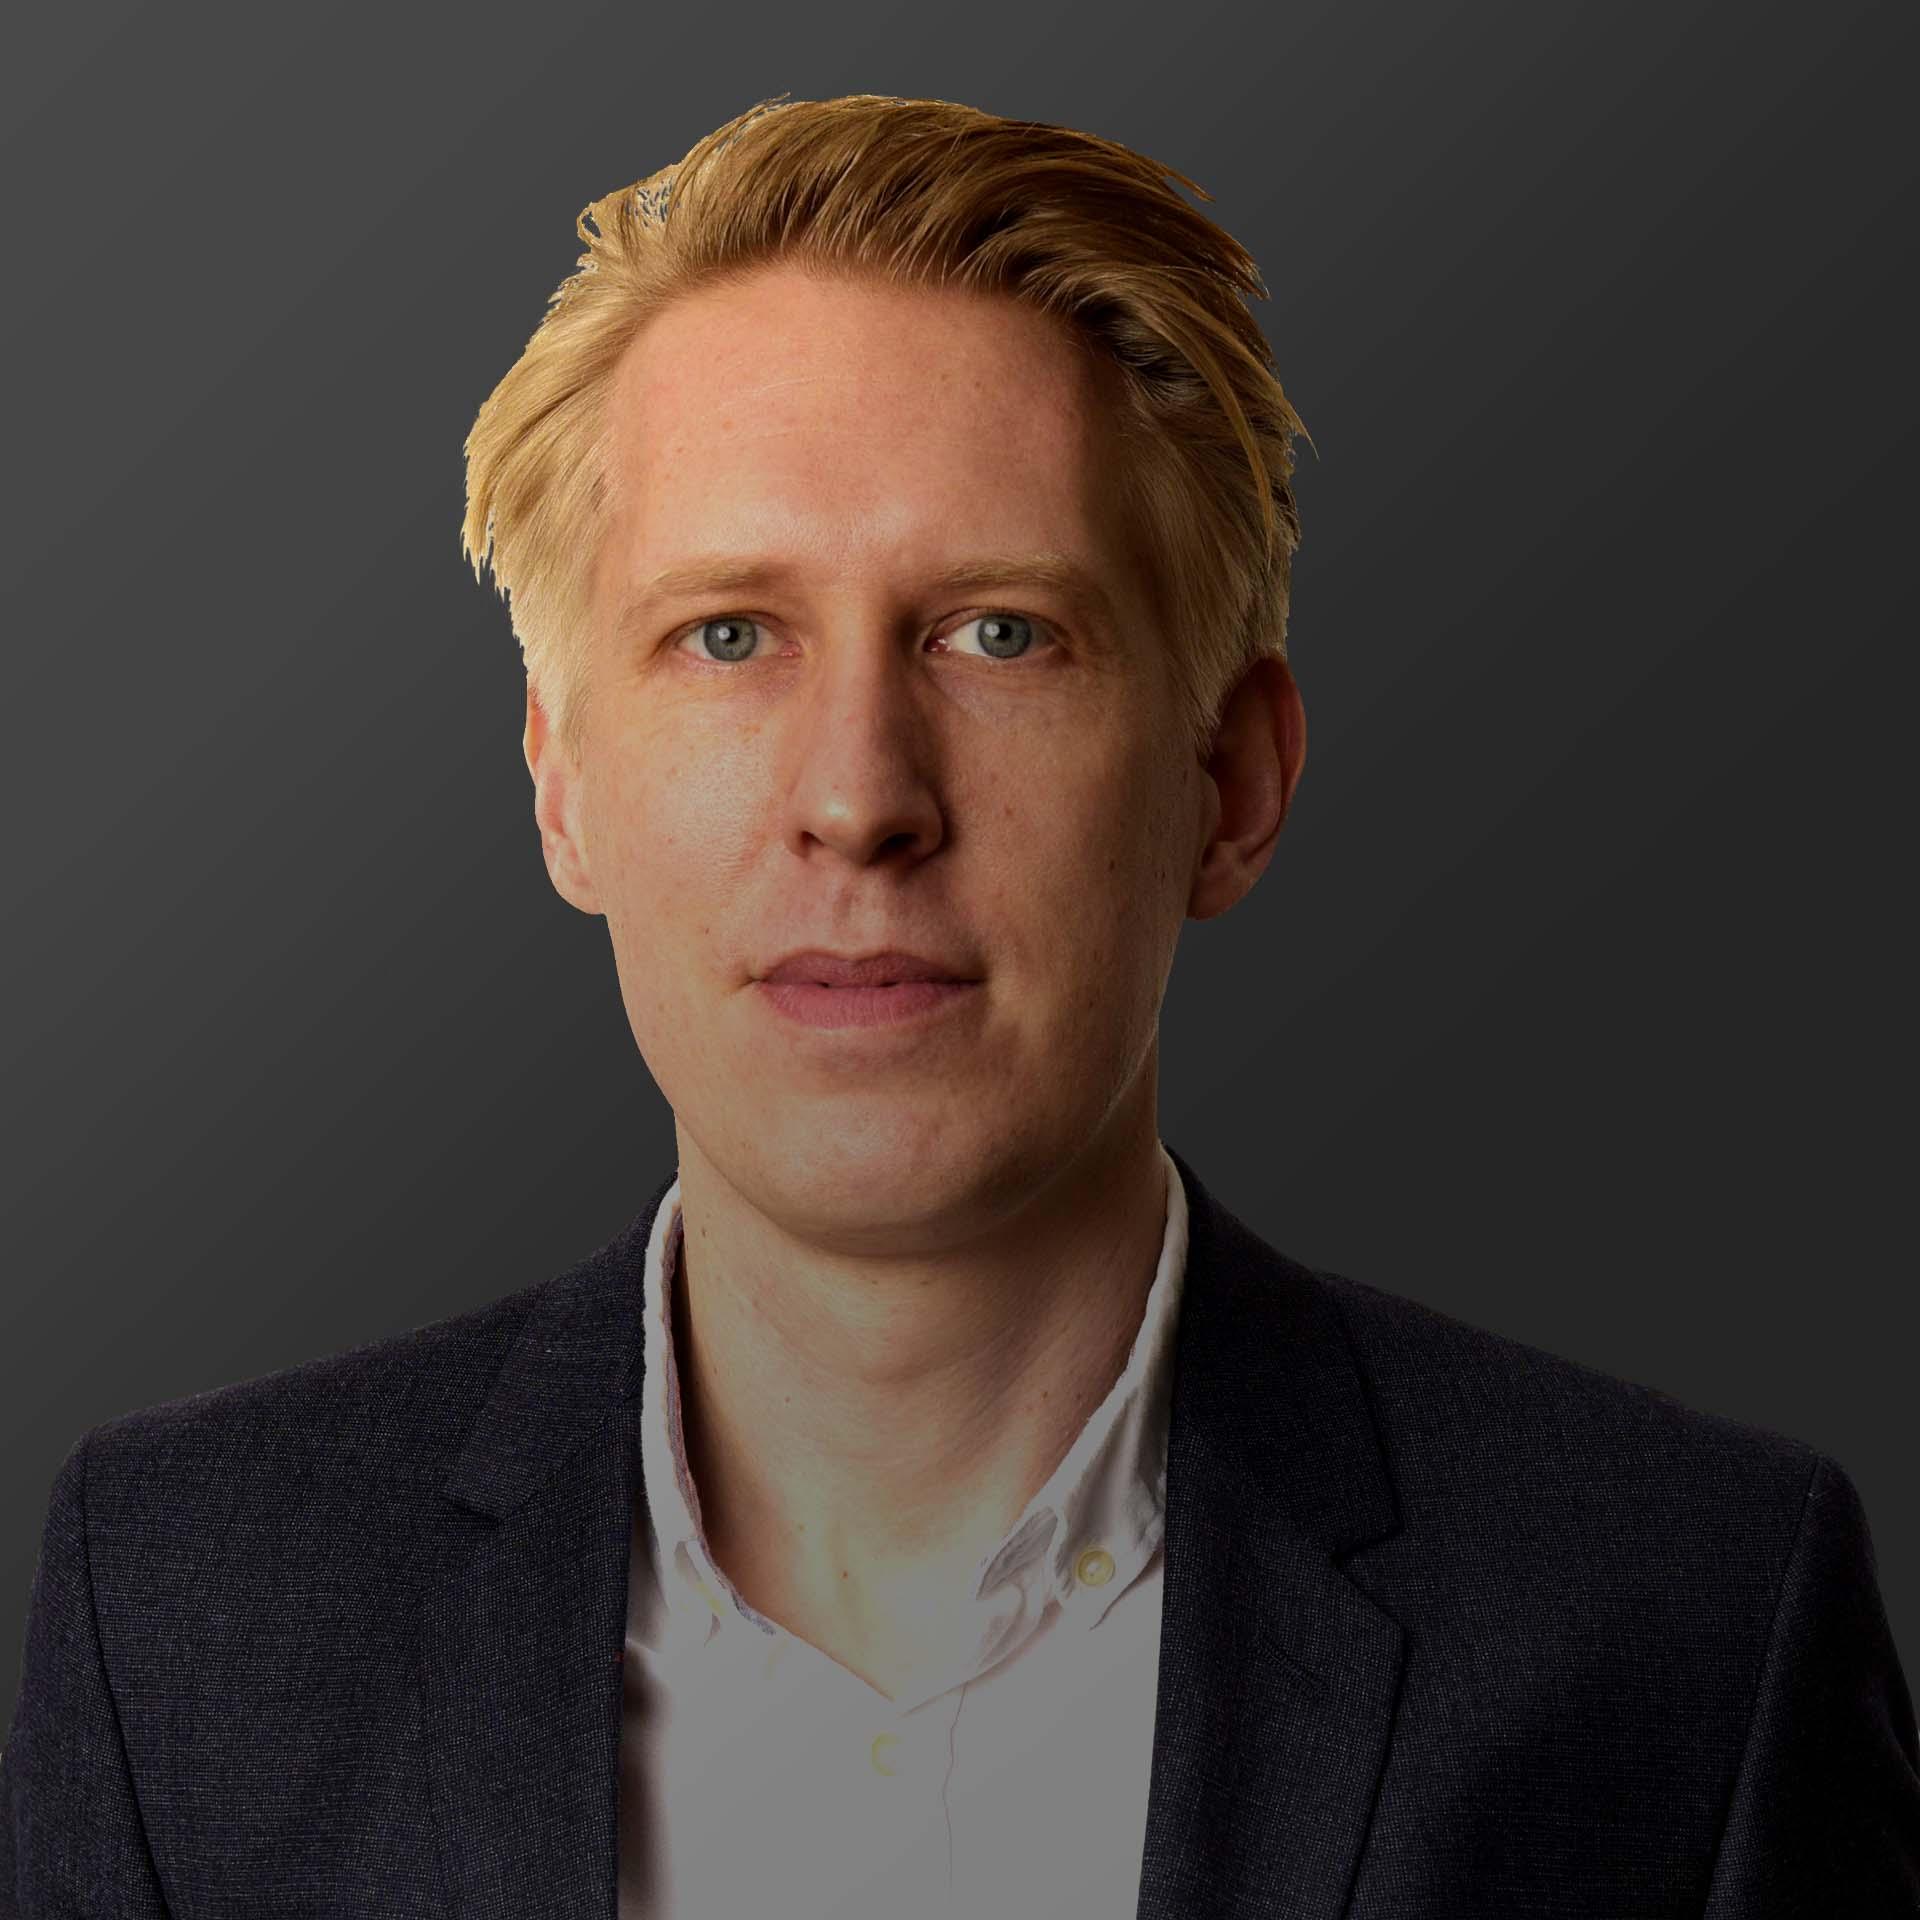 Niklas Lindqvist